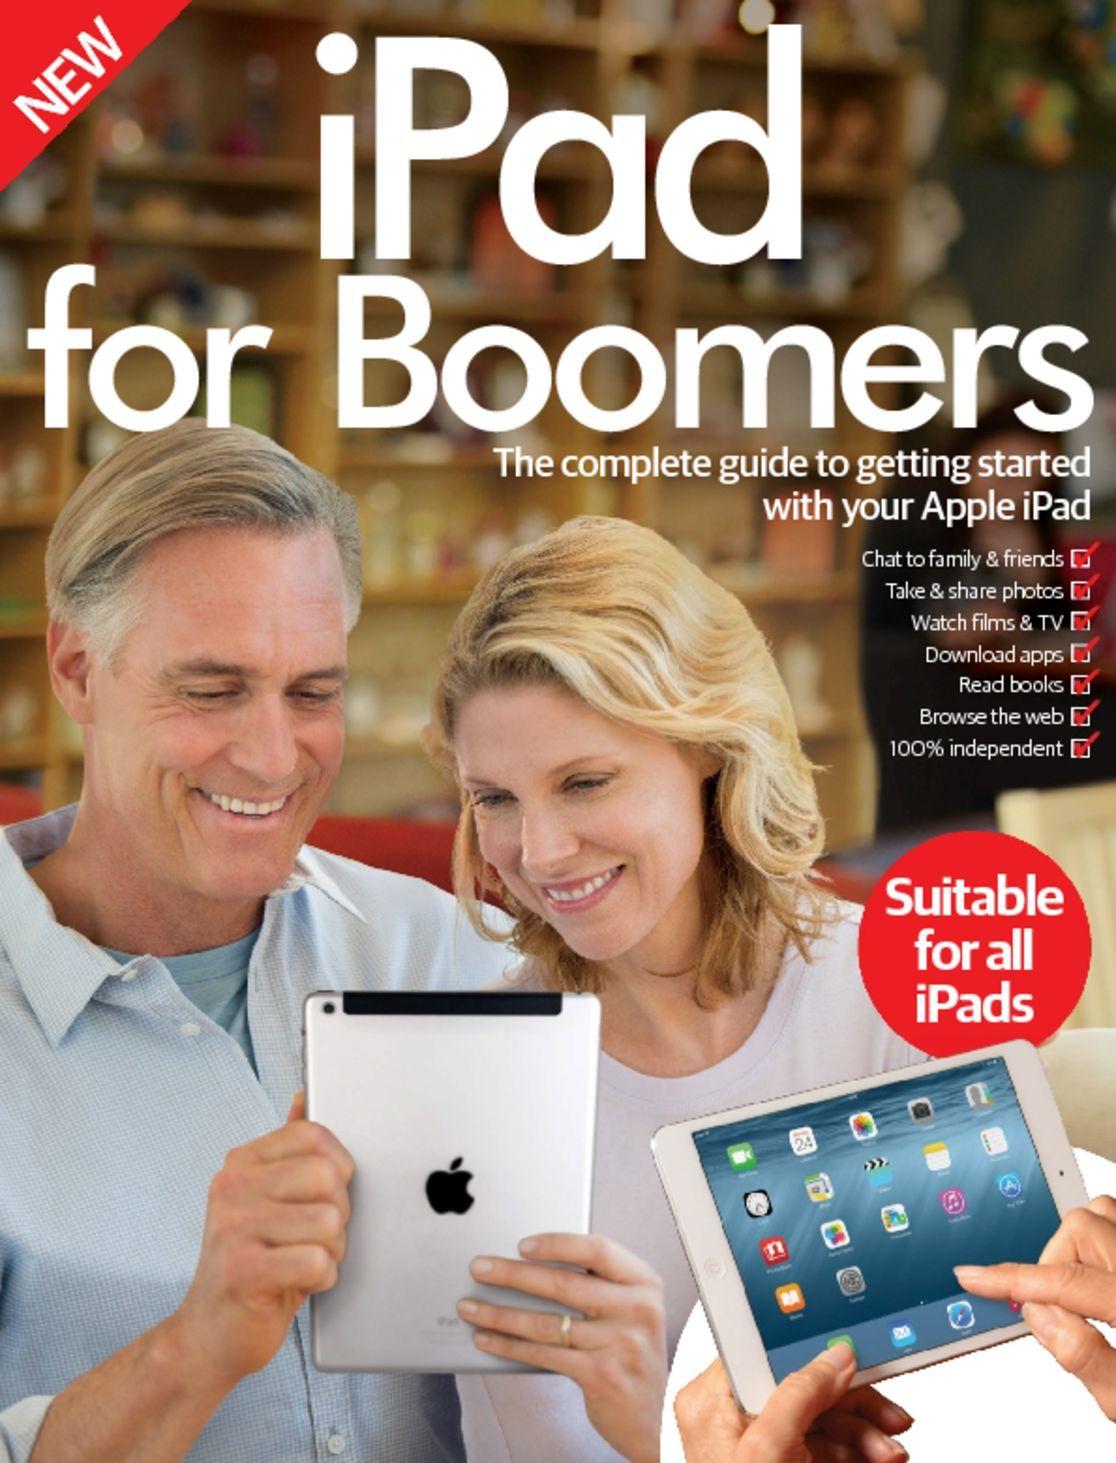 iPad for Boomers Digital